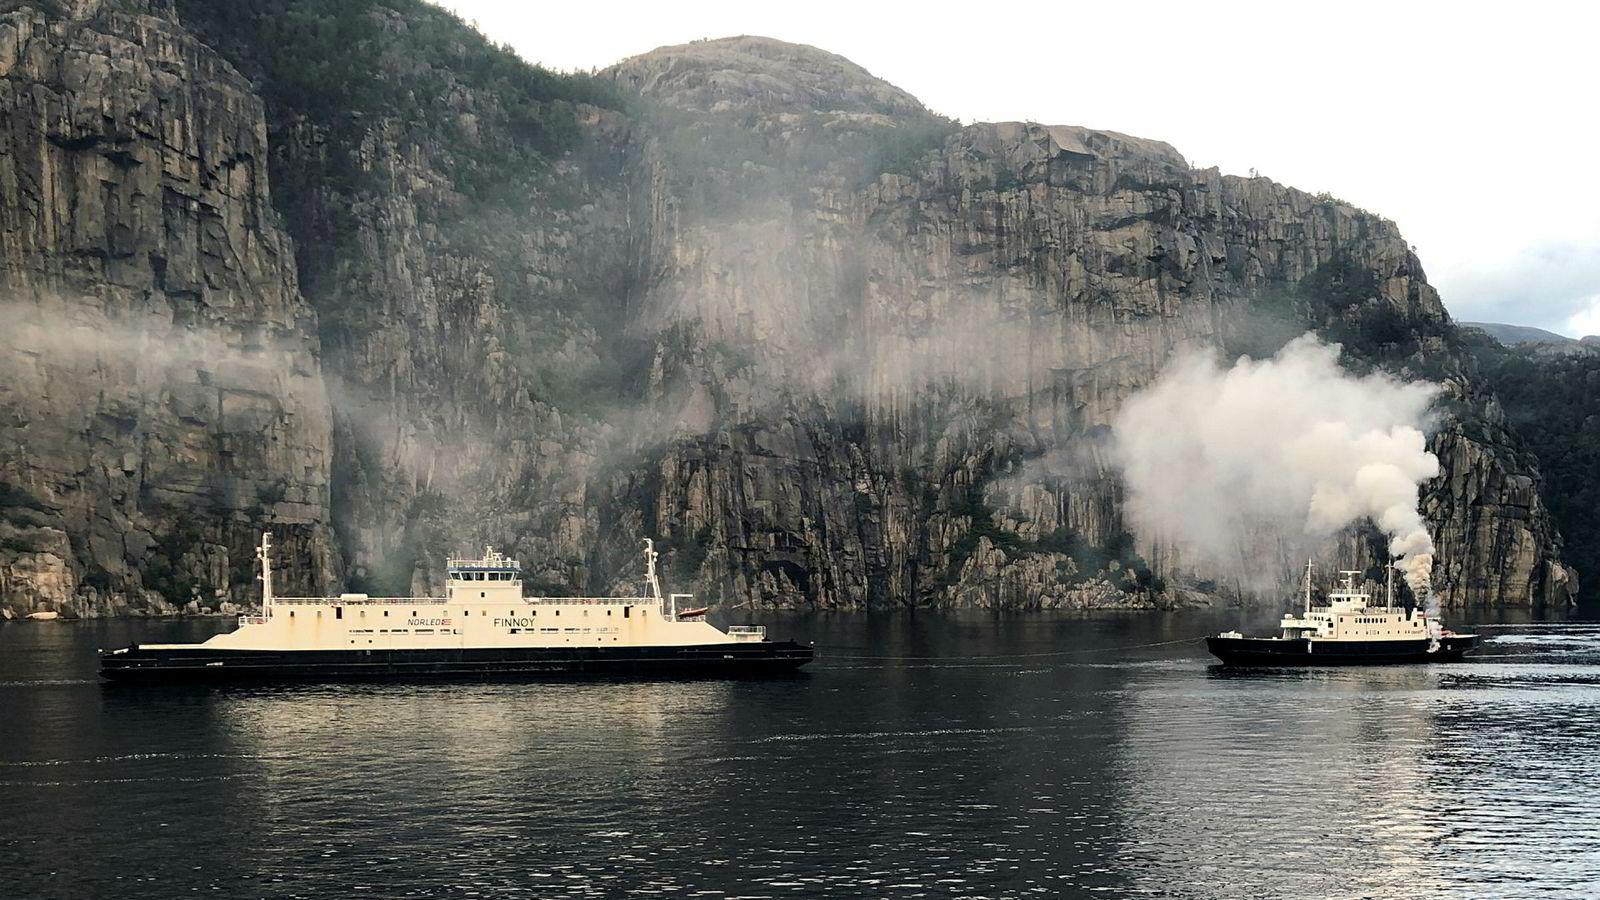 49 passasjerer er evakuert på grunn av brann i ferja Eid (t.h.) i Lysefjorden i Rogaland. Det er ikke meldt om personskader. Ferja Finnøy (t.v.) kommer til unnsetning.